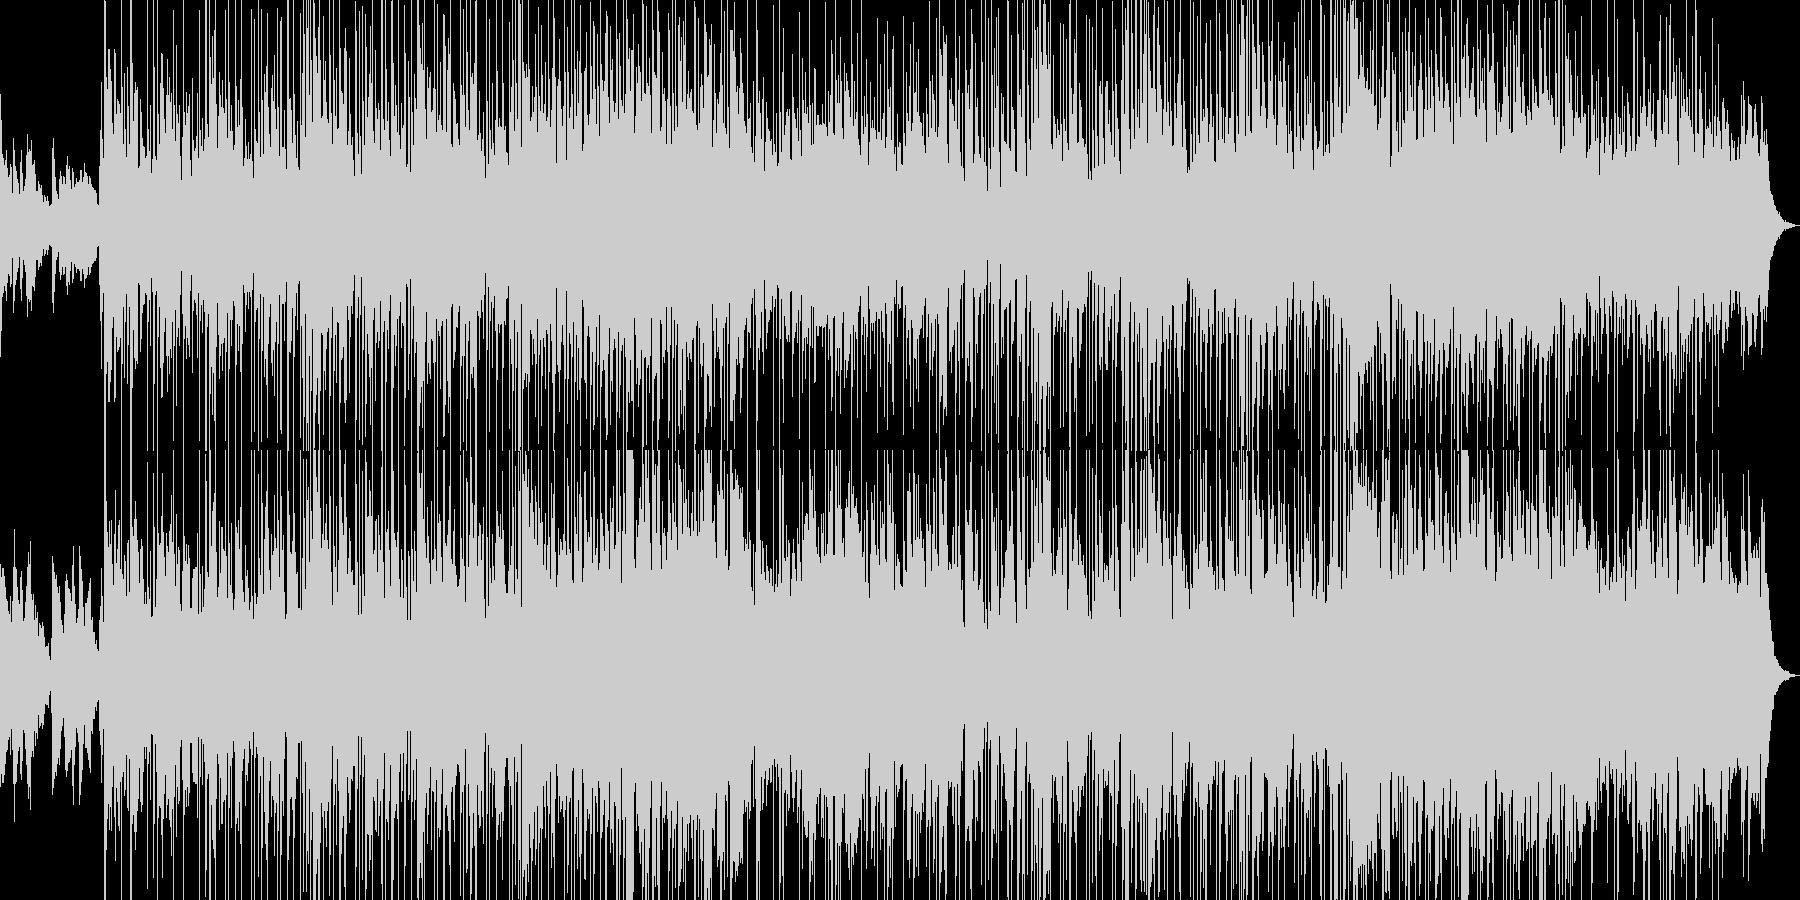 情熱さを感じるファンクジャズの未再生の波形